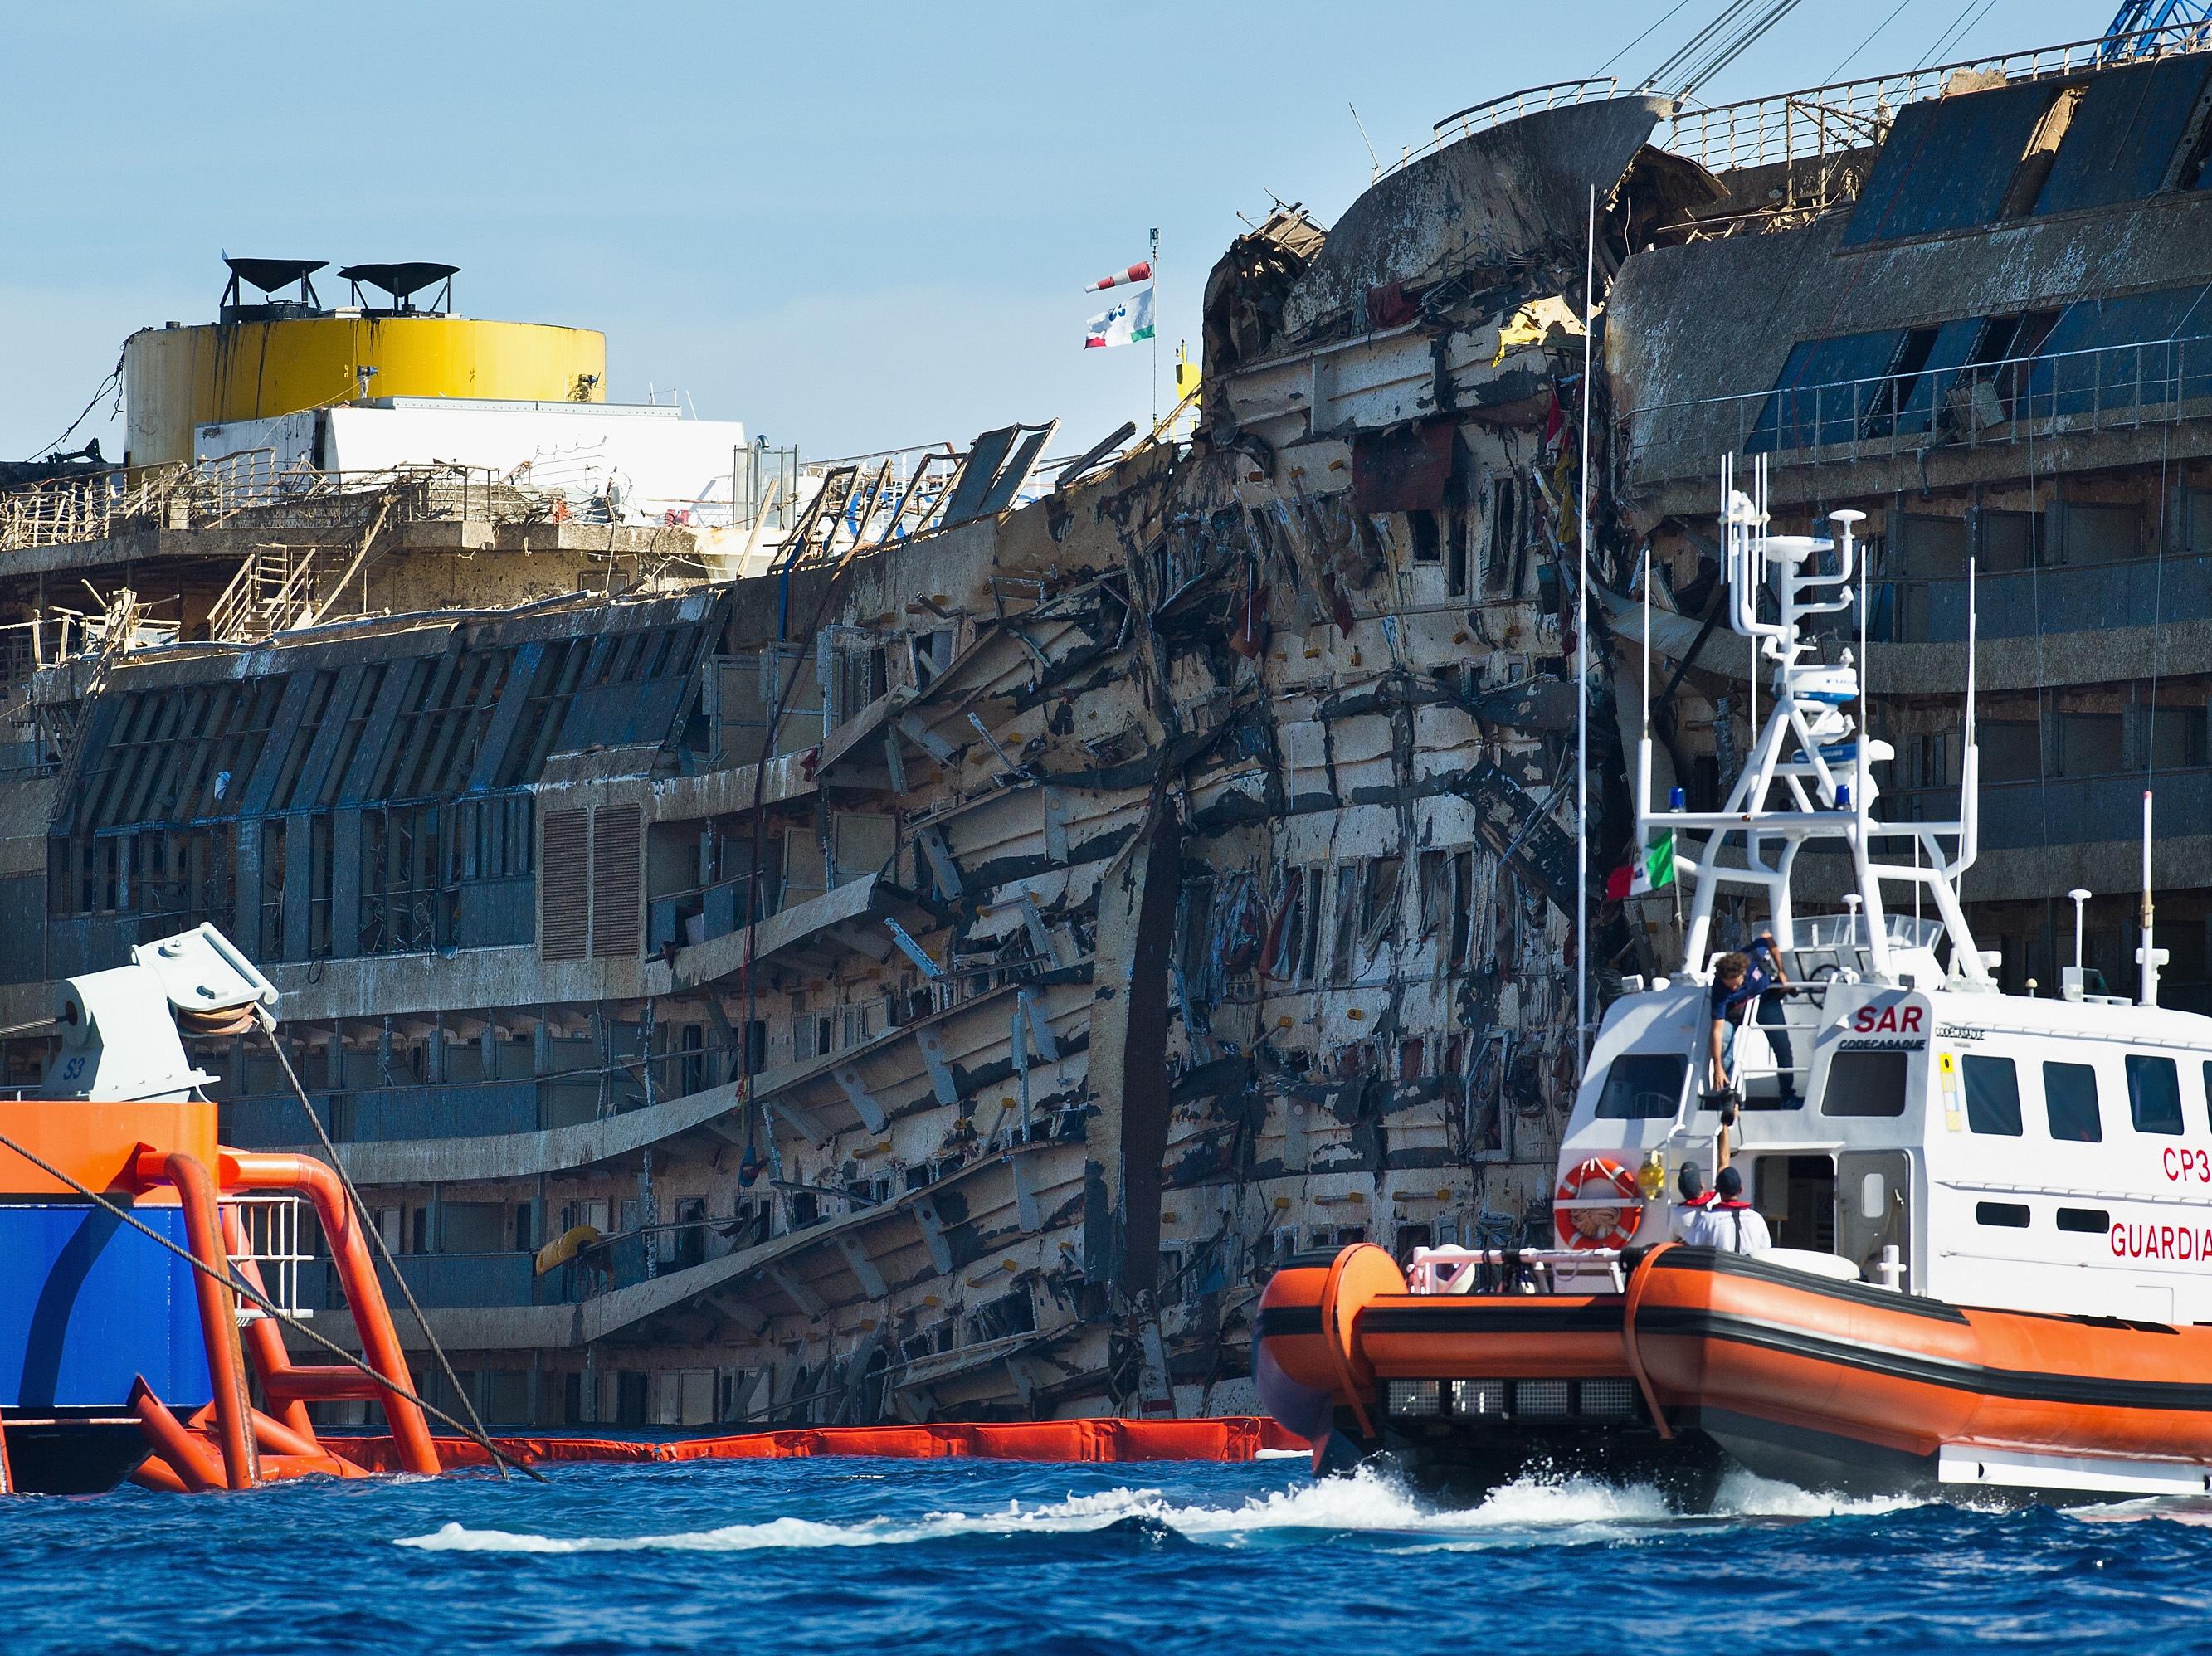 Two Bodies Found Near Costa Concordia Wreck